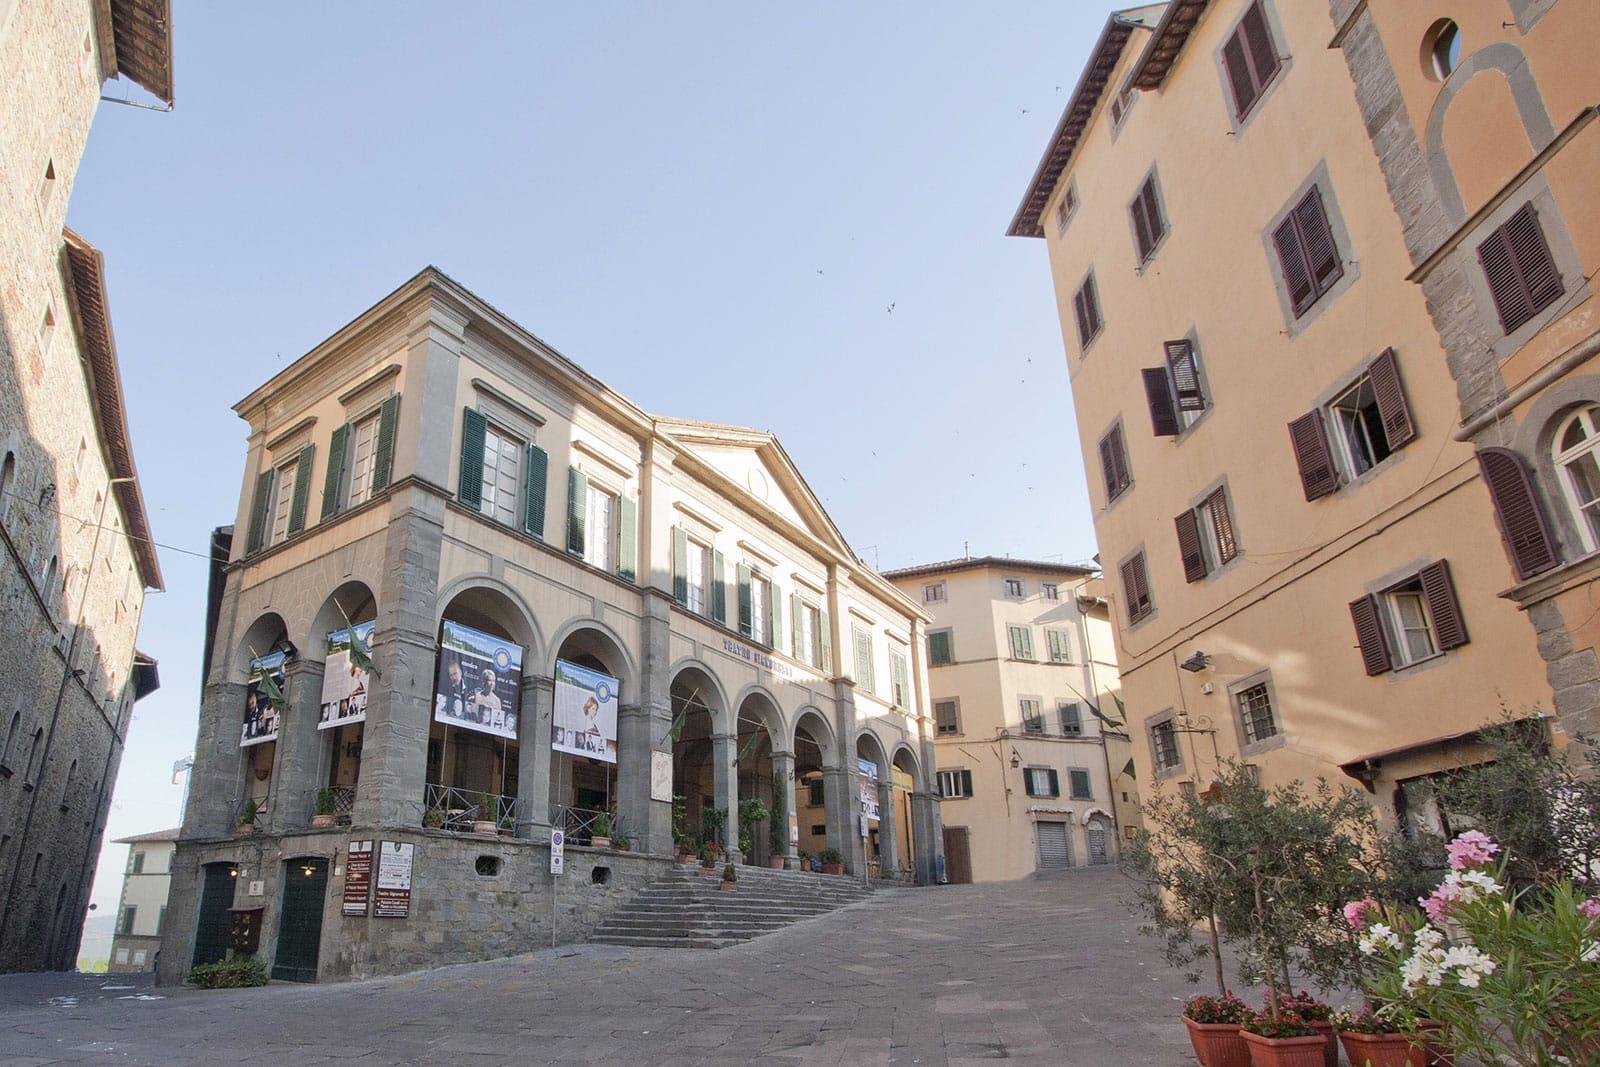 Piazza Signorelli, Cortona